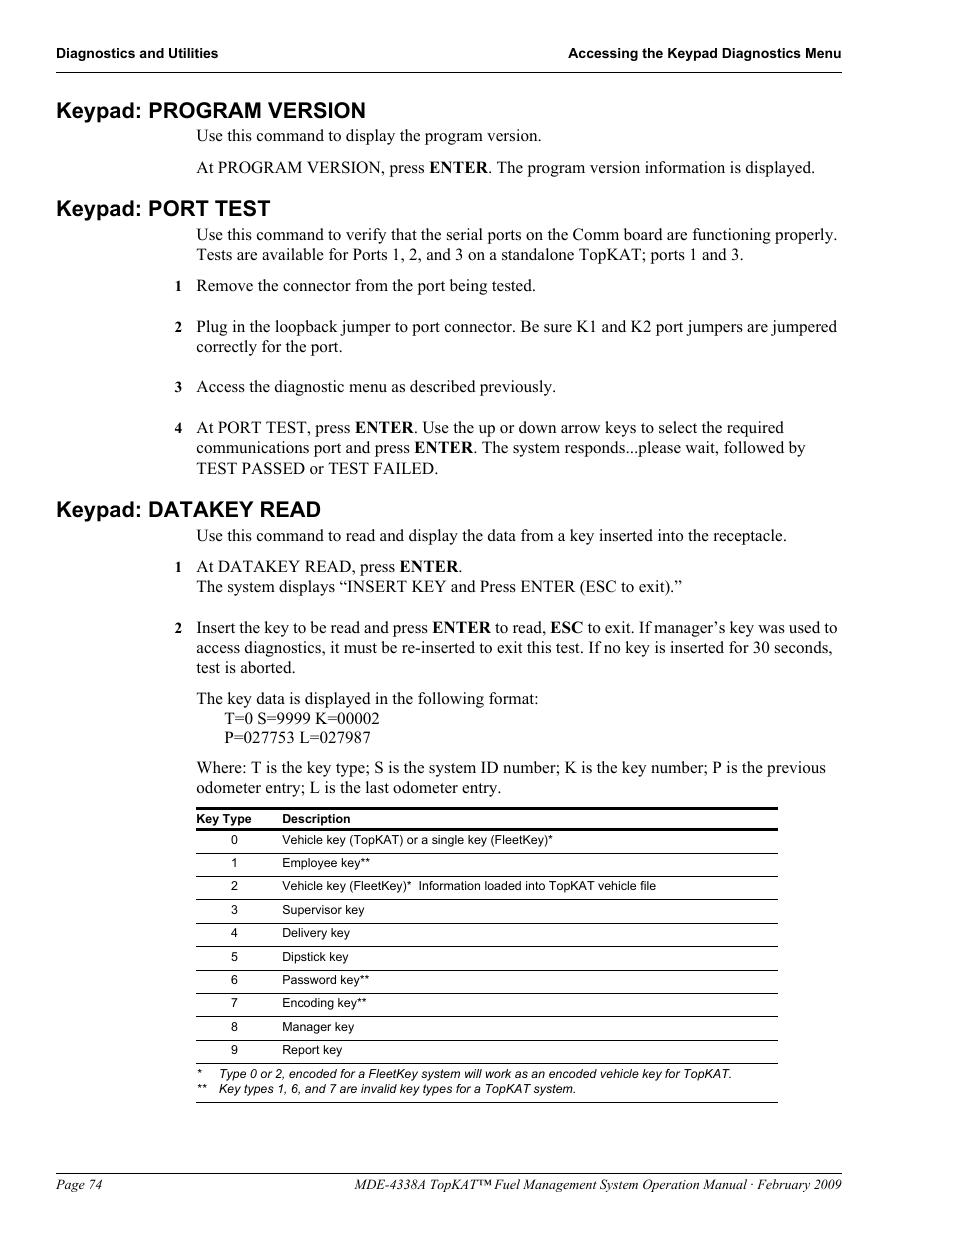 keypad program version keypad port test keypad datakey read rh manualsdir com program operations manual system social security administration program operations manual system ssa